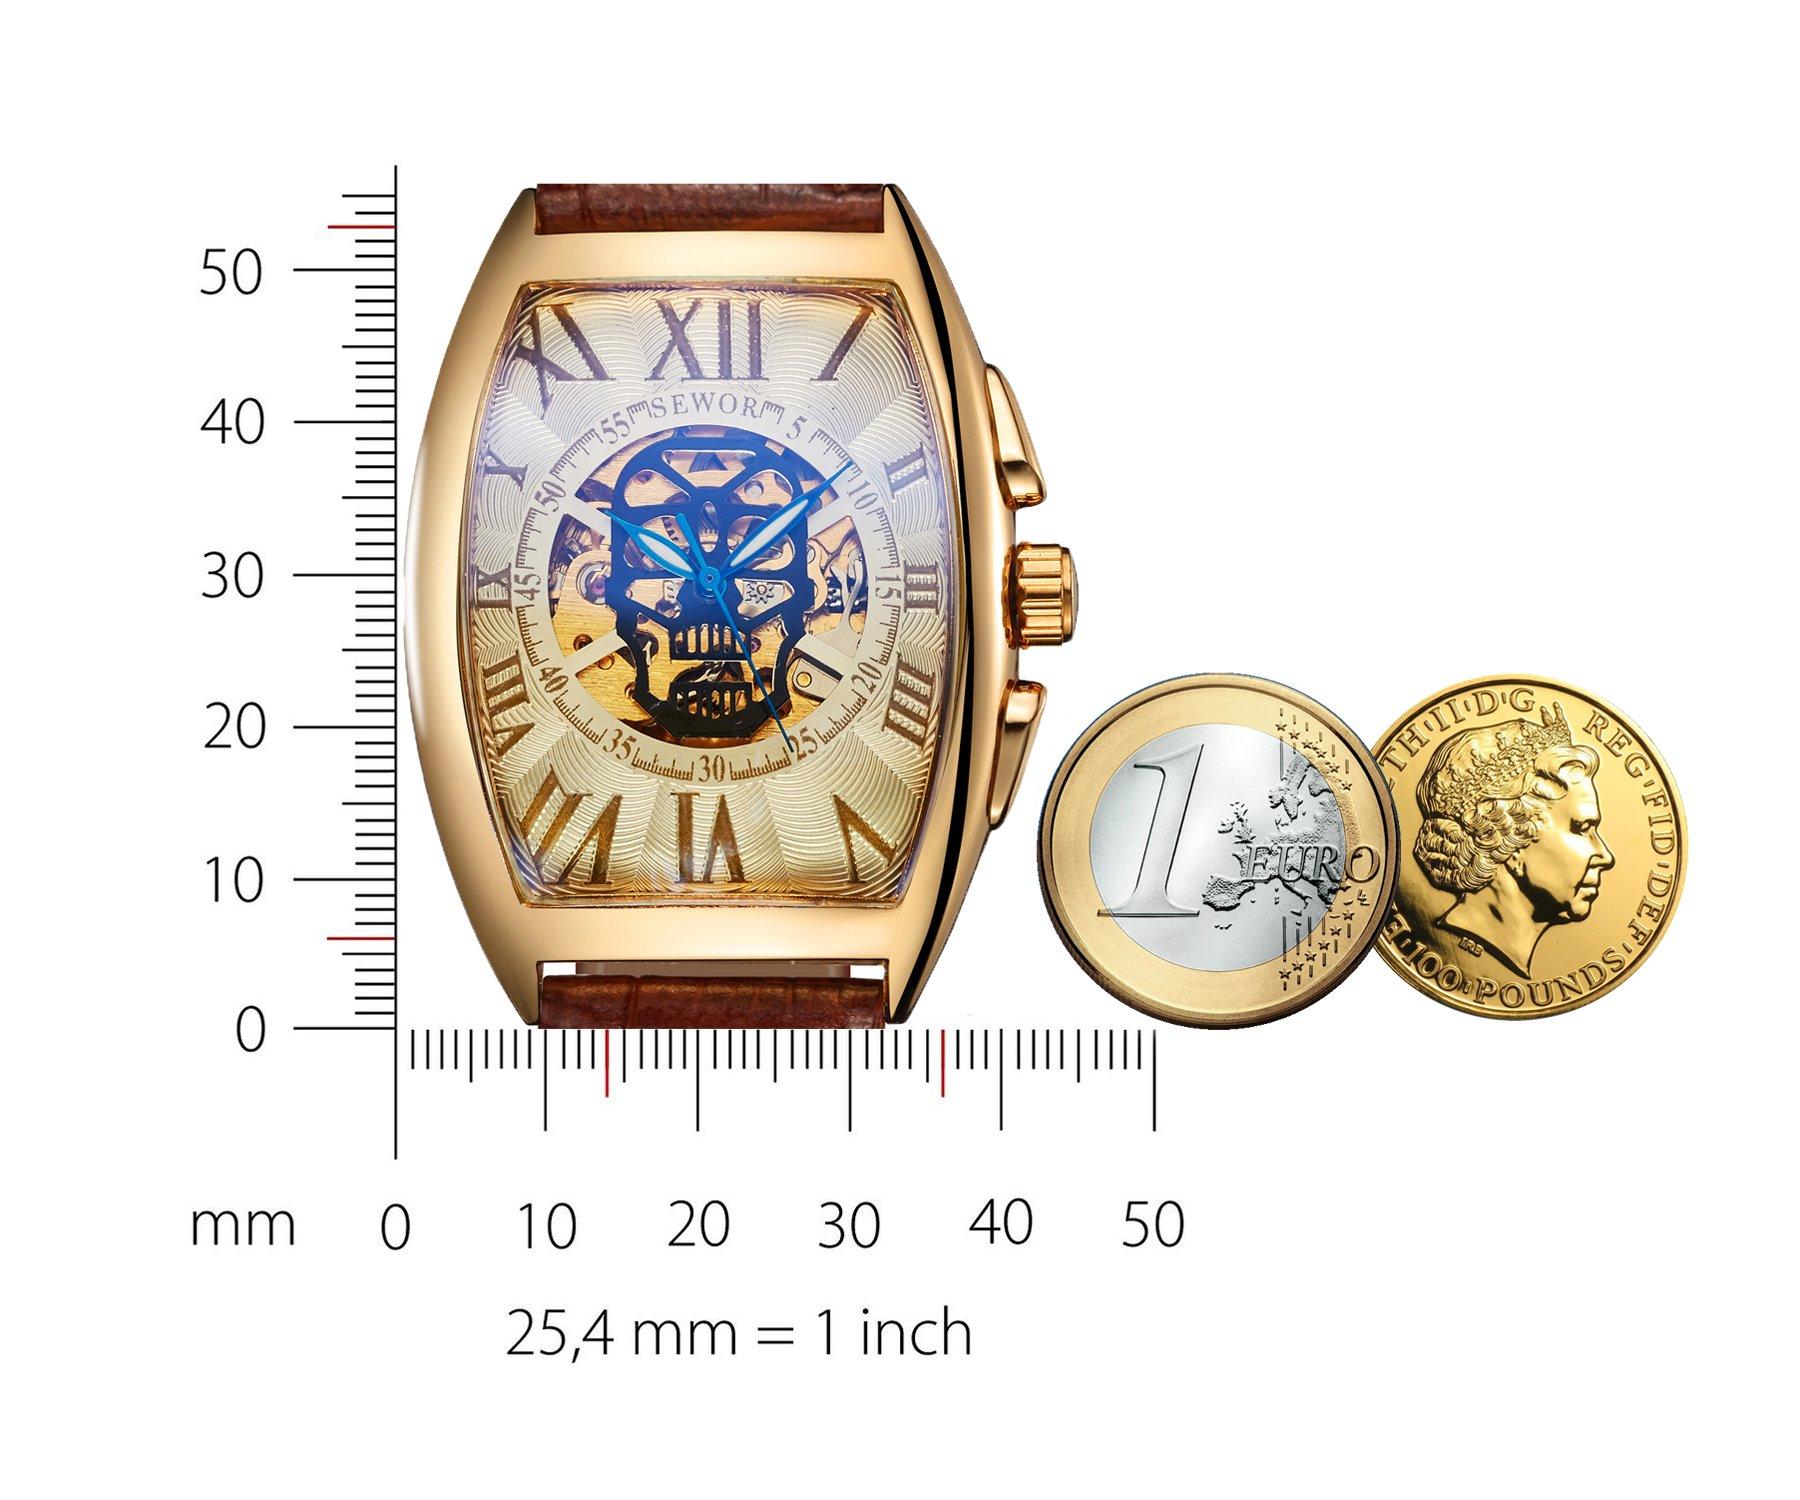 Sewor lusso uomo cranio testa meccanico automatico orologio da polso con fascia in vetro rivestimento blu (Oro & Bianca)